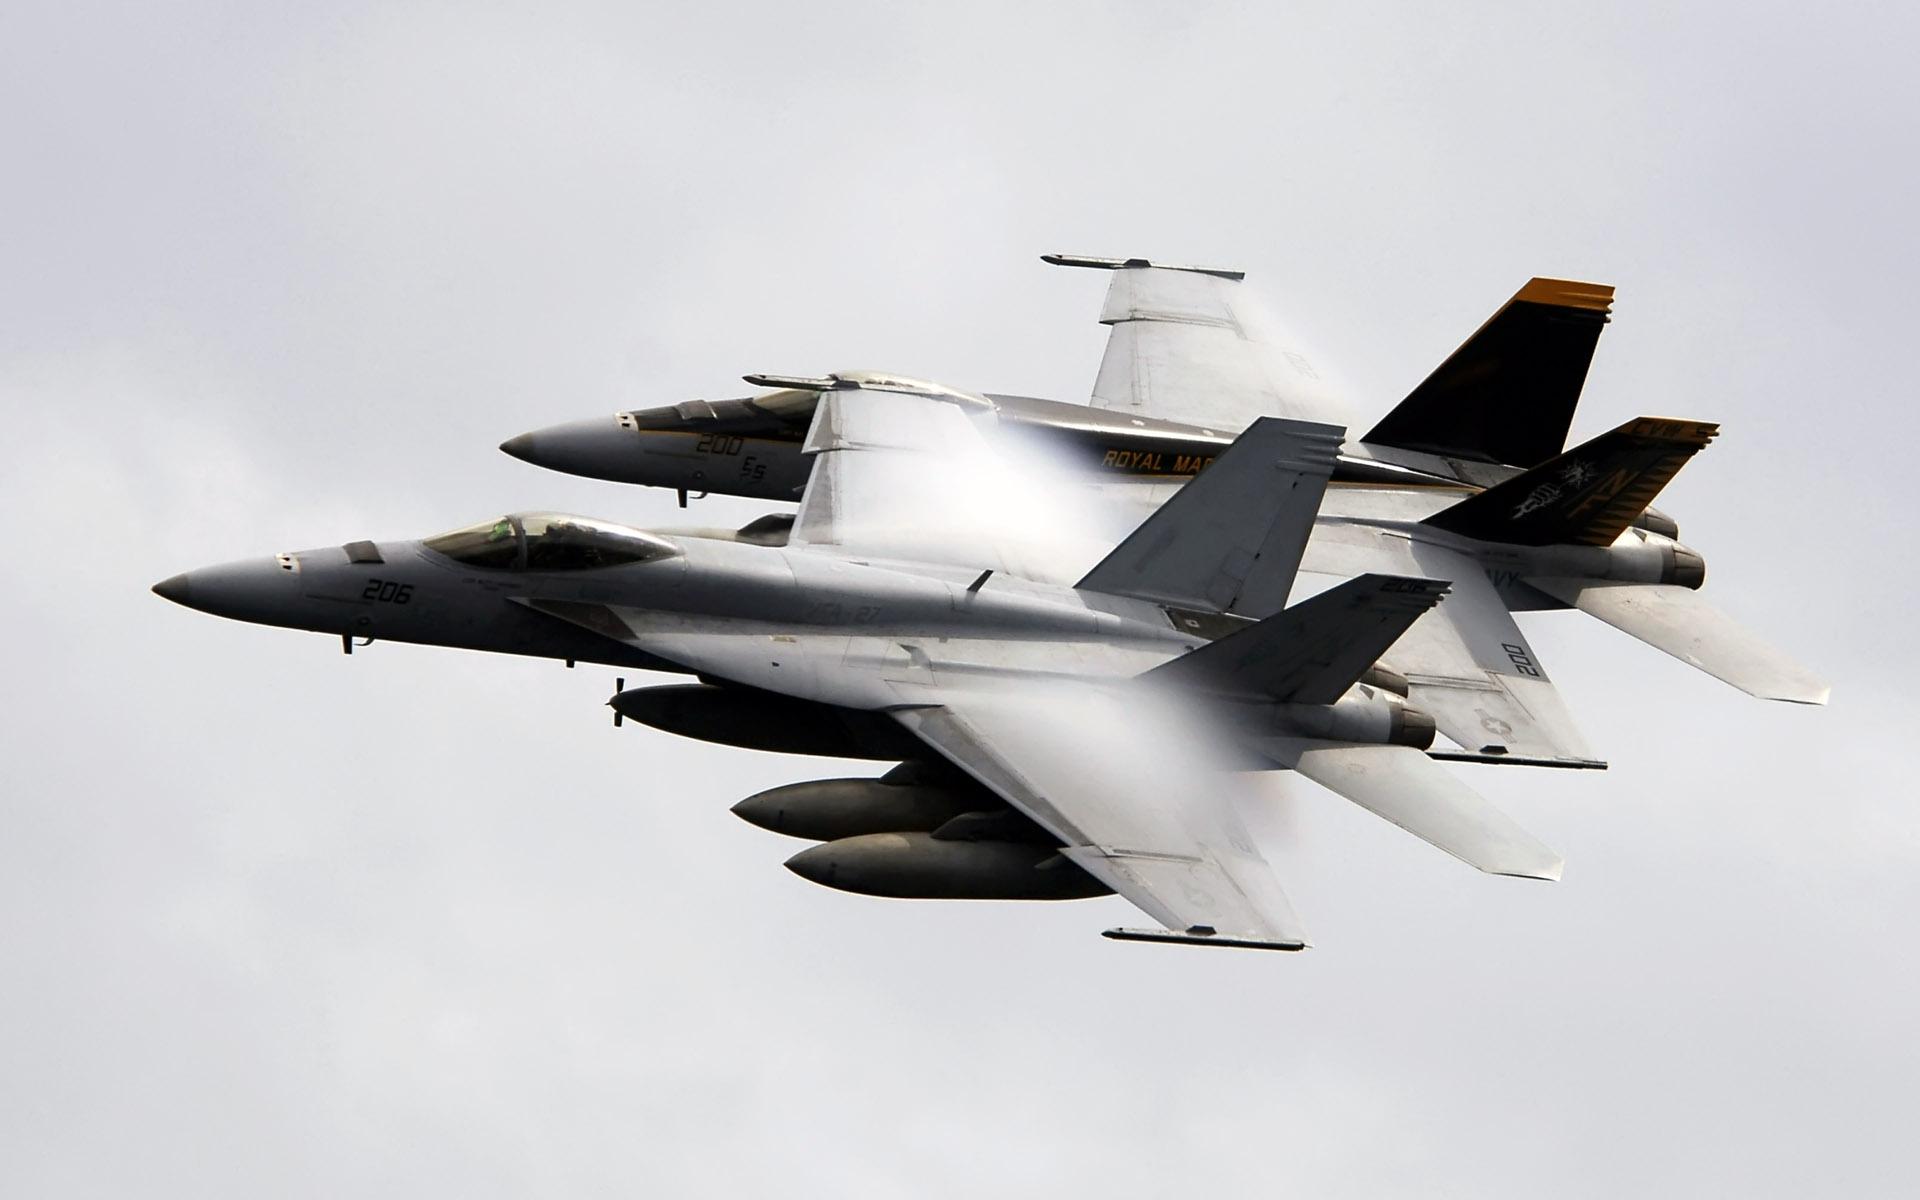 Fighter Jet HD Wallpaper fromwallpaperhighdefinationblogspotcom 1920x1200